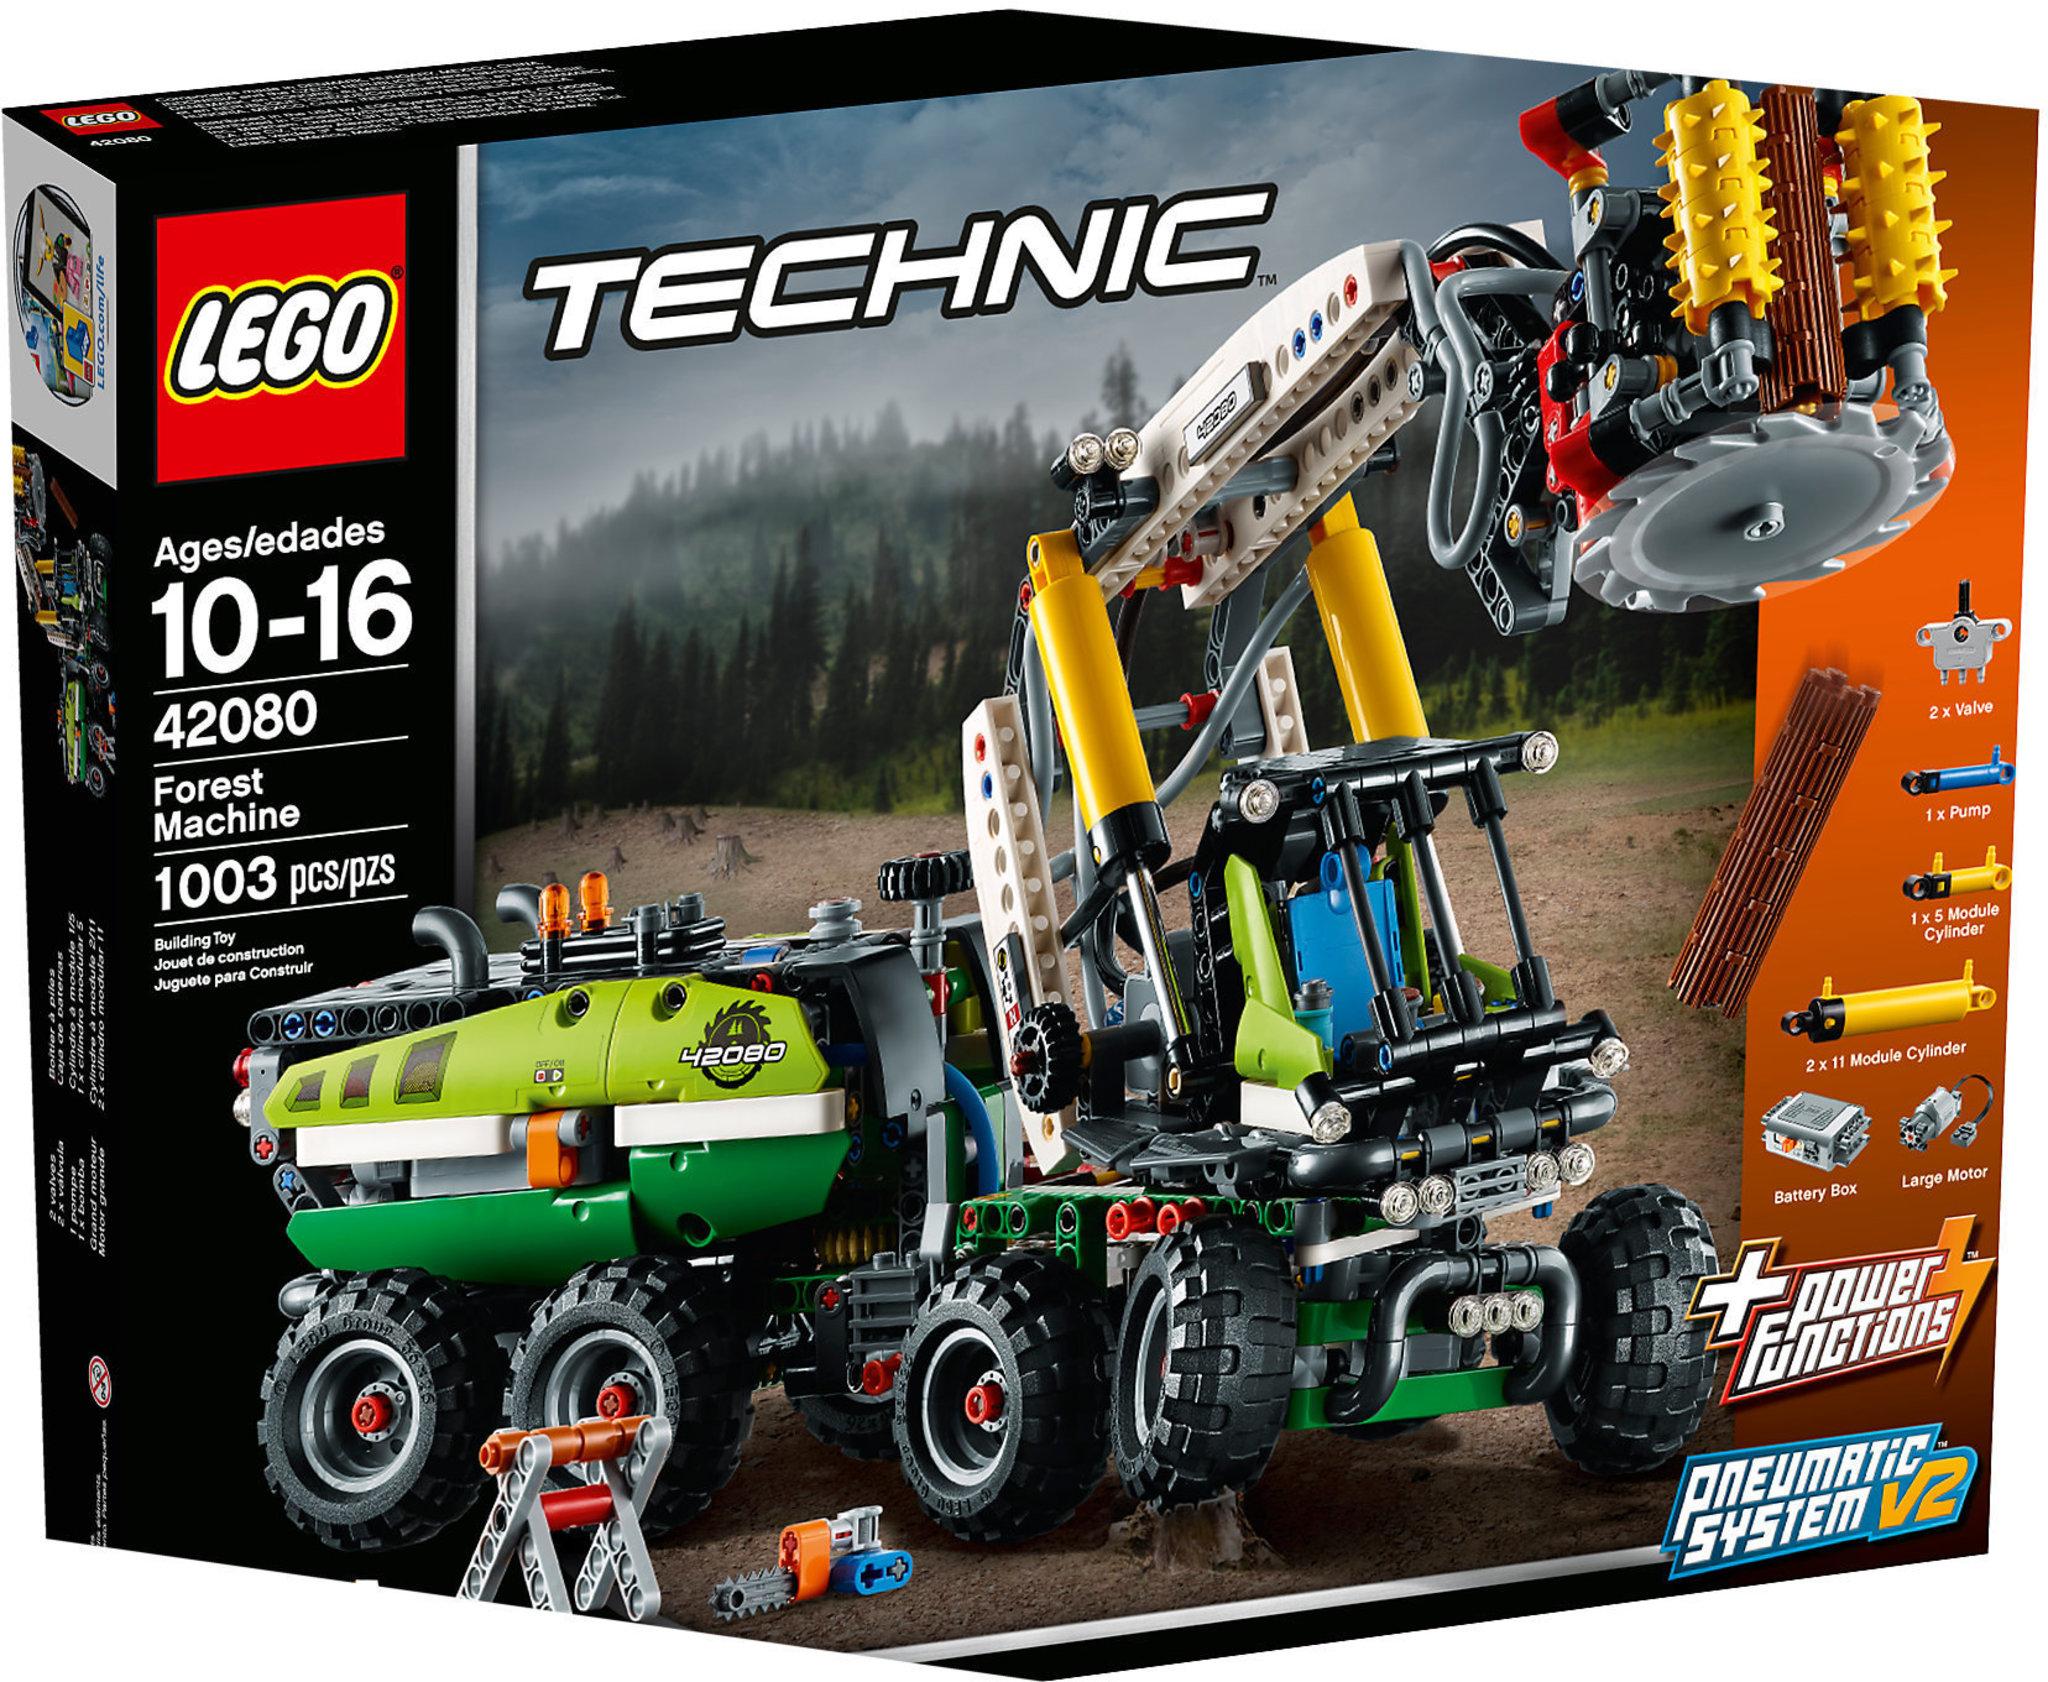 Choisissez Couleur Lego 14 x 1 x 1 Technic Brick GRATUIT UK ENVOI